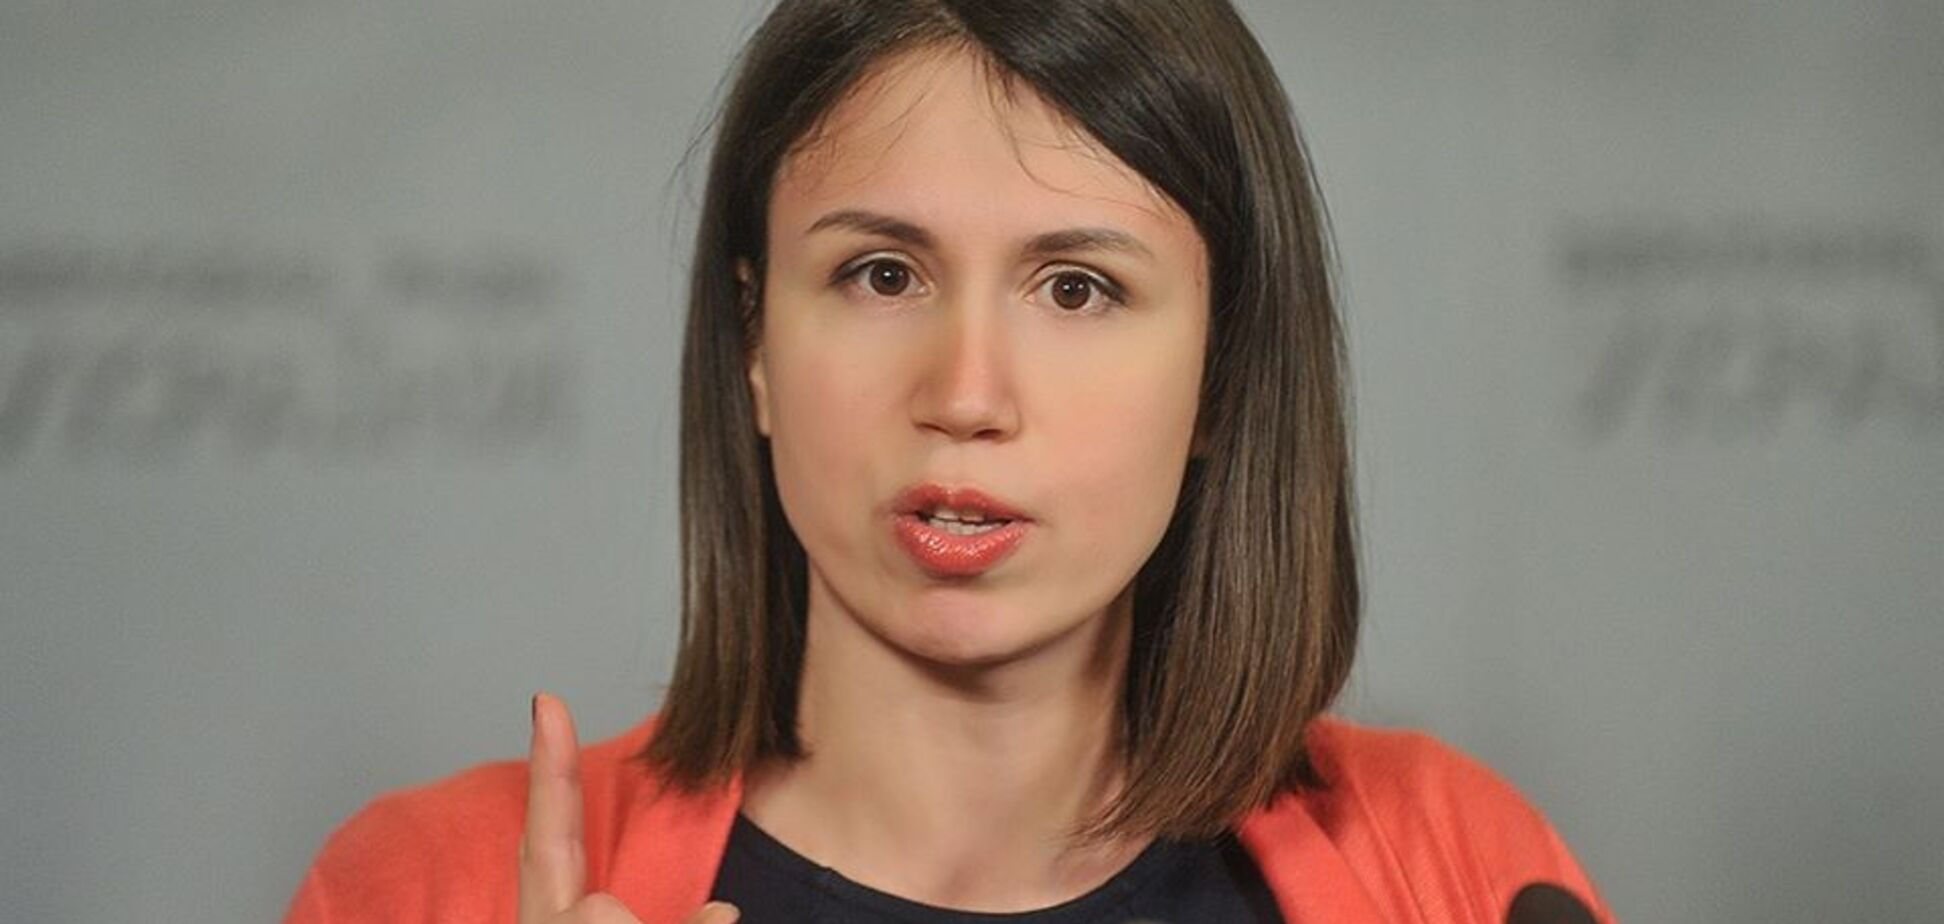 Черновол заявила, что дело против нее заказал Путин